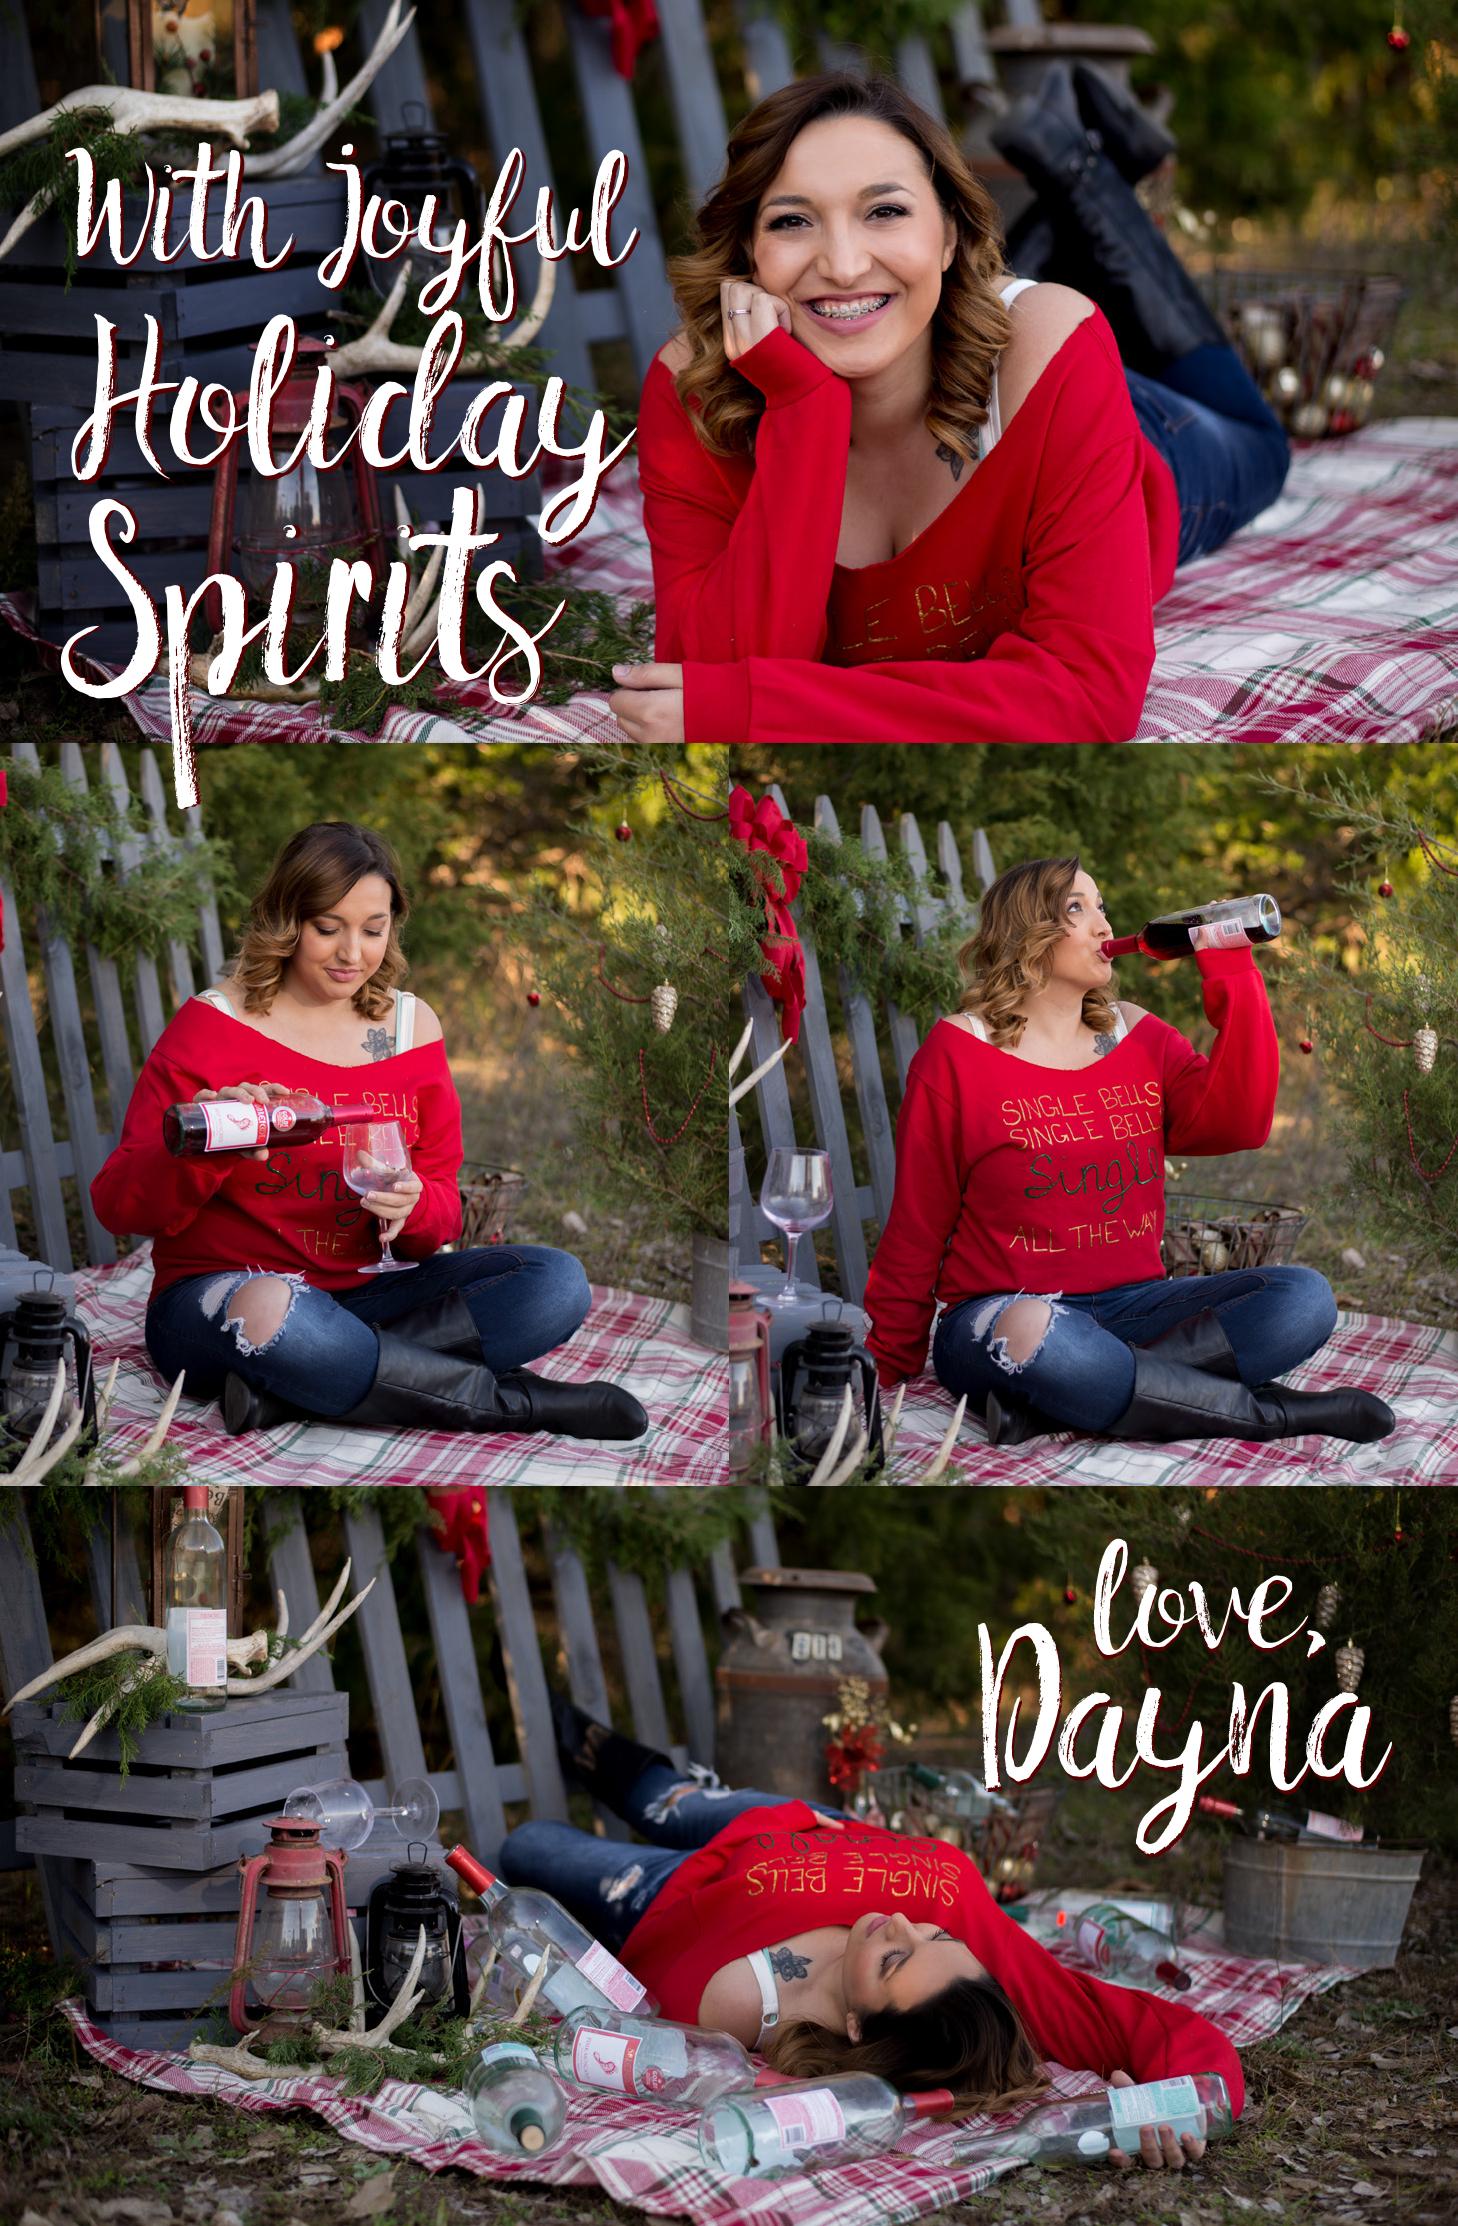 Dayna-Christmas Card